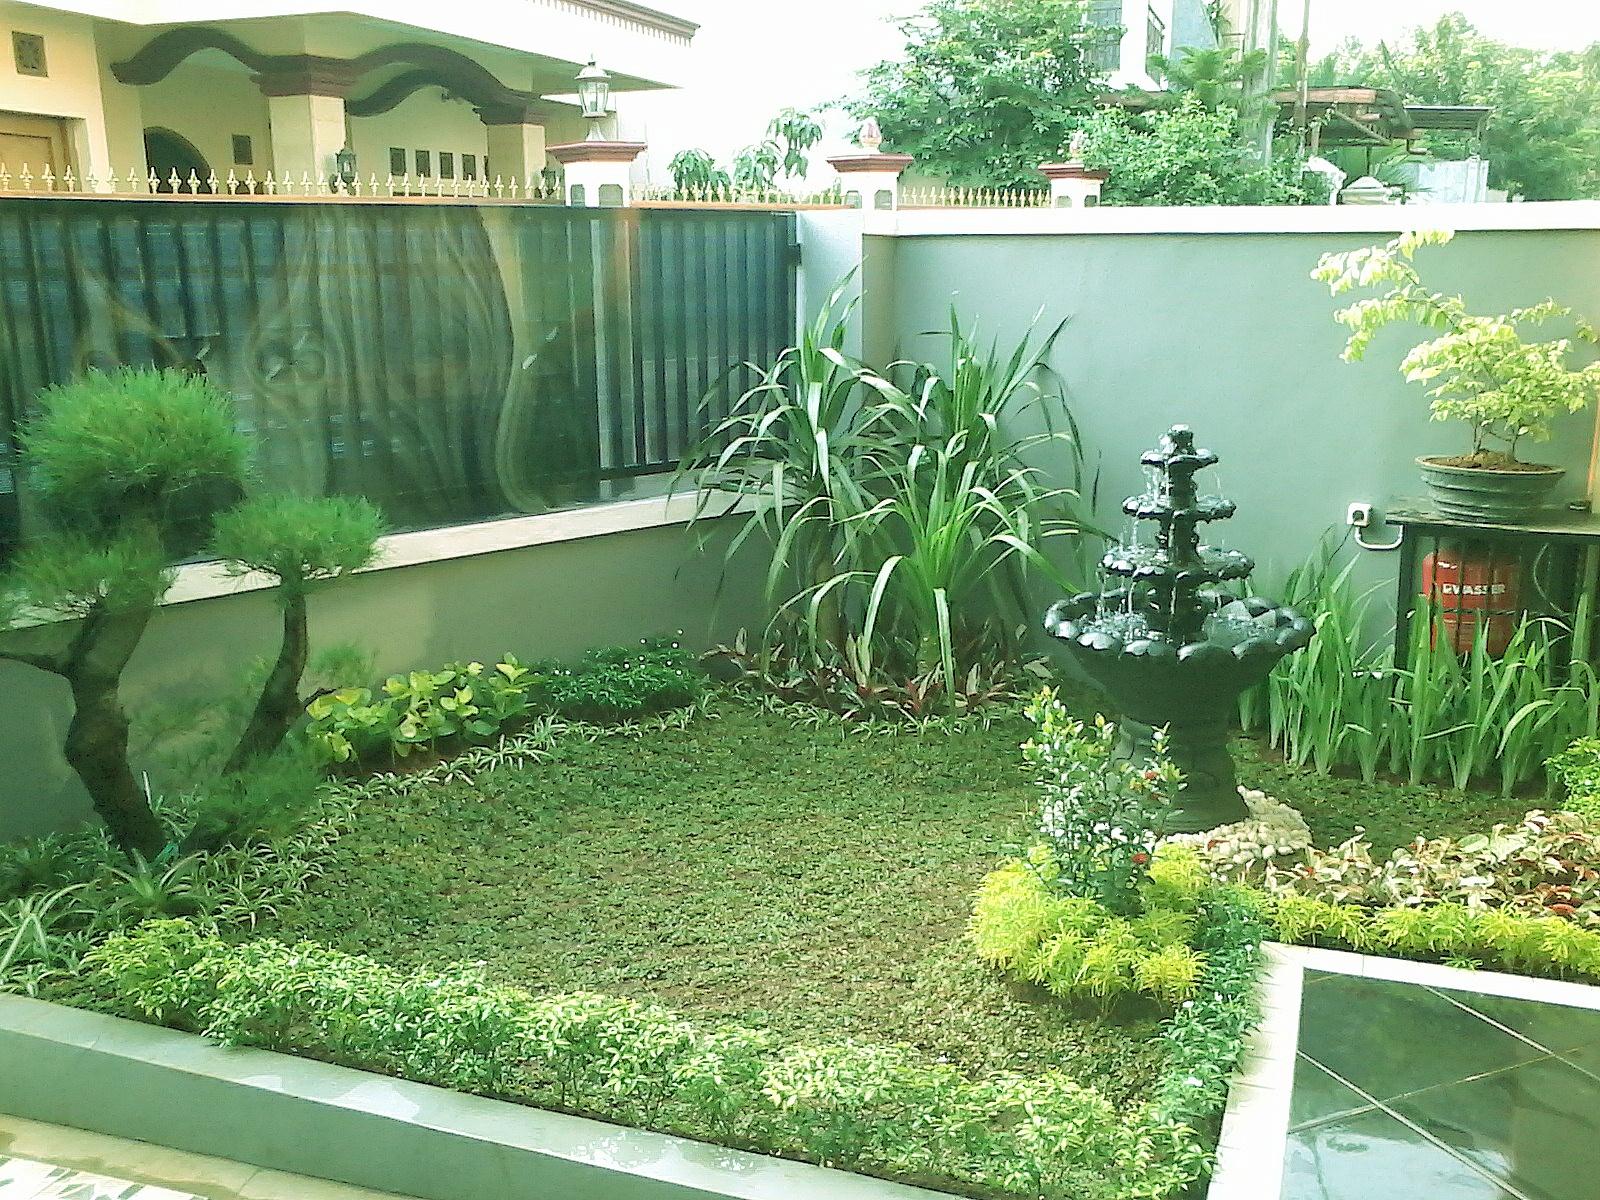 35 Desain Terbaru Taman Rumah Minimalis 2017 - Desain Rumah Minimalis